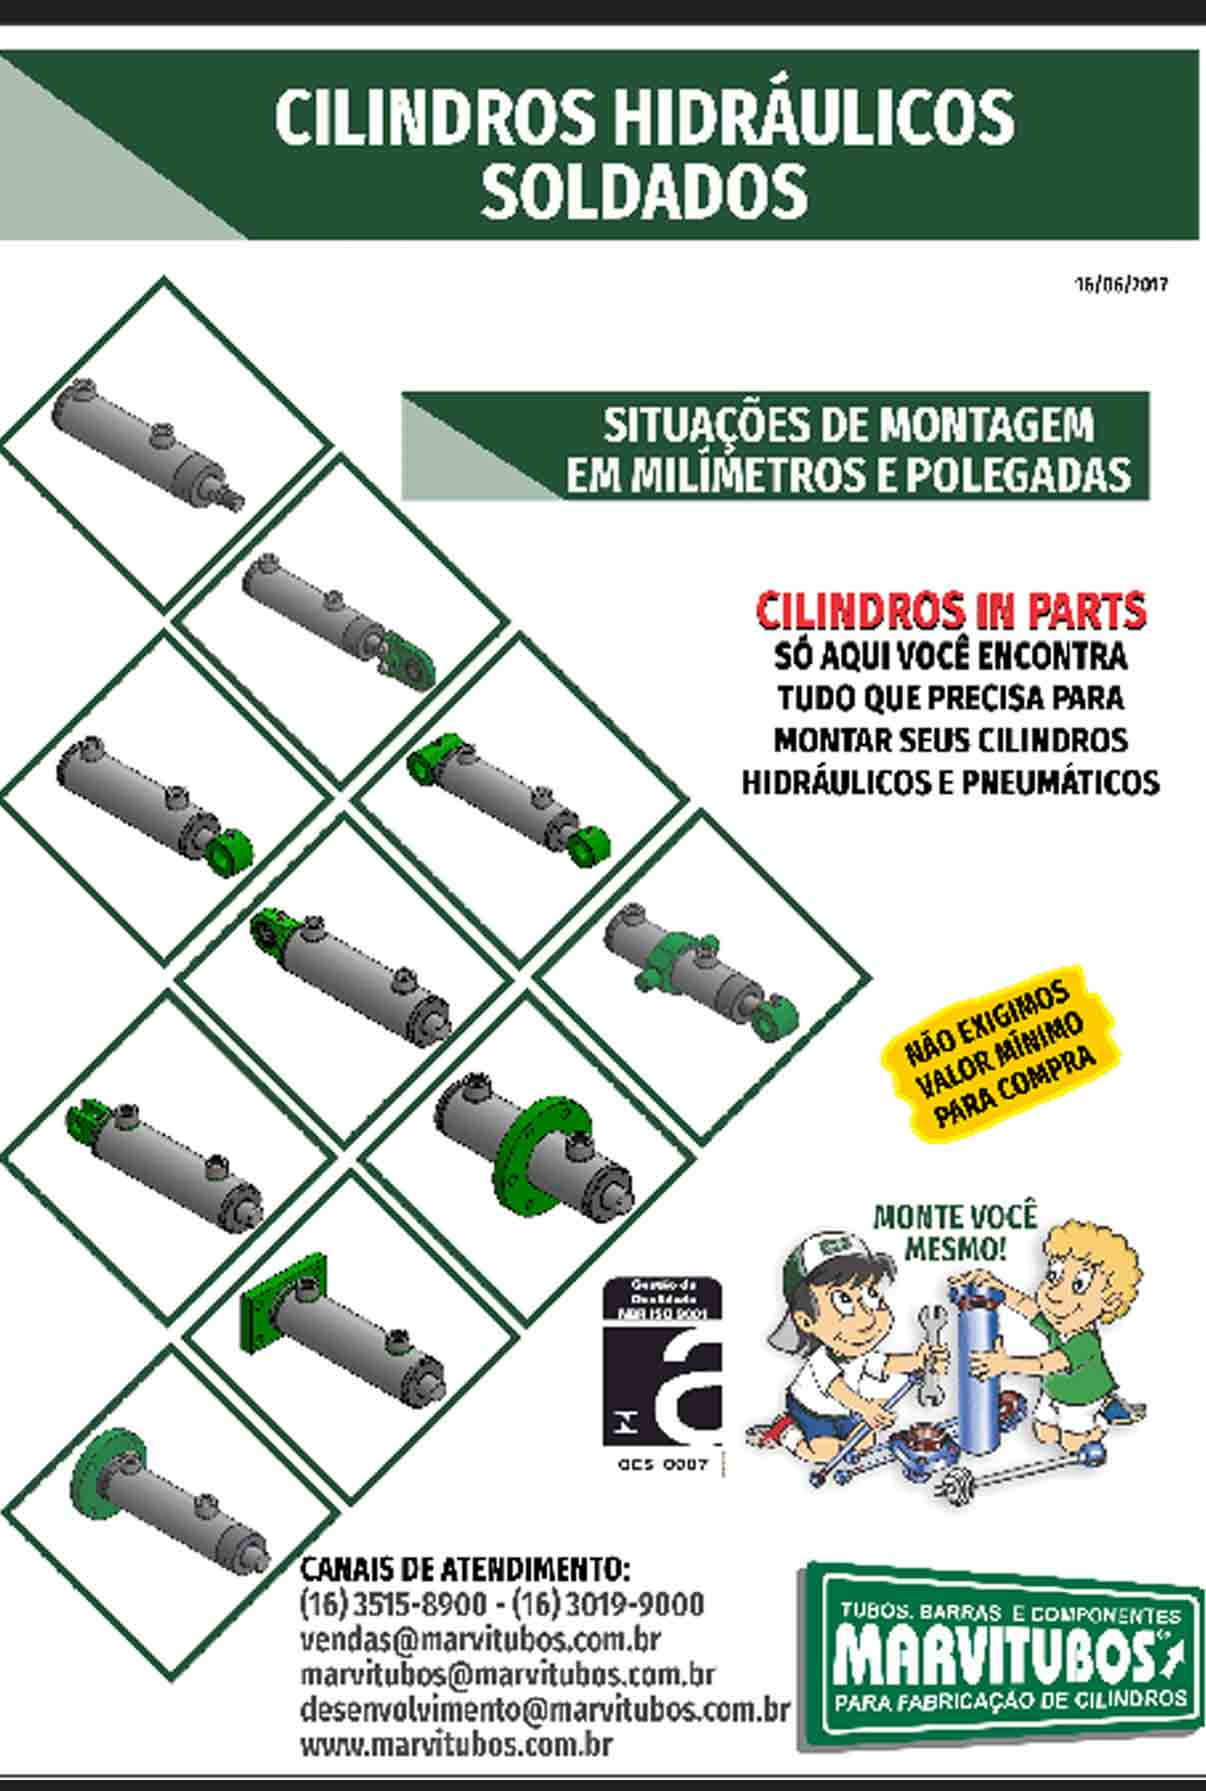 CILINDRO MOBIL - SITUAÇÕES DE MONTAGEM